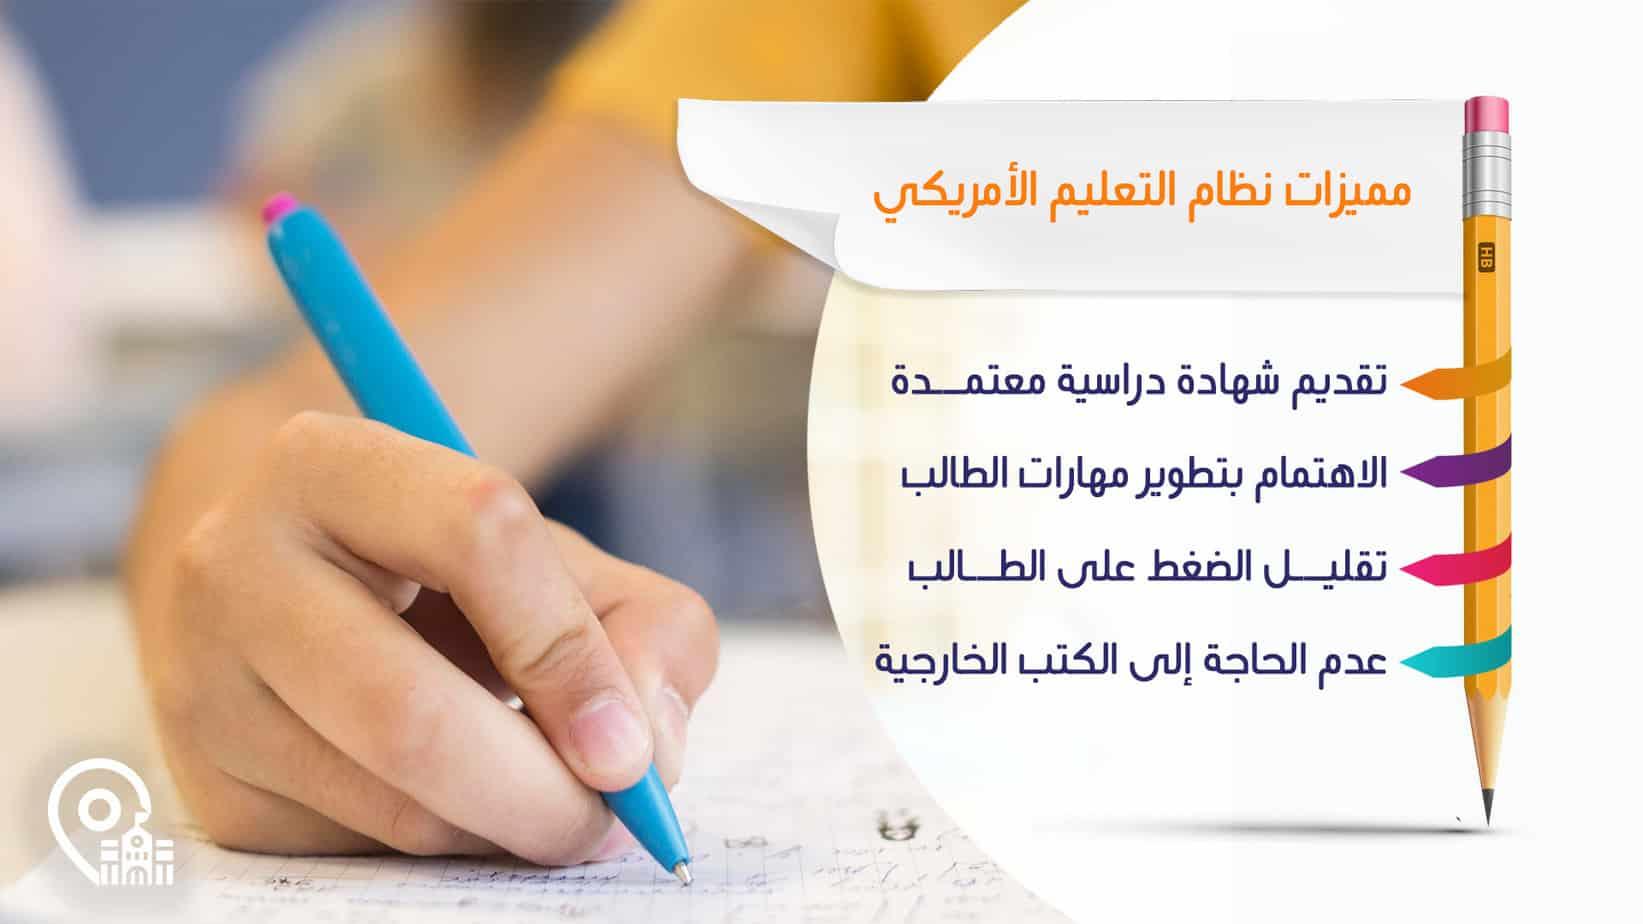 مميزات نظام التعليم الأمريكي في مصر